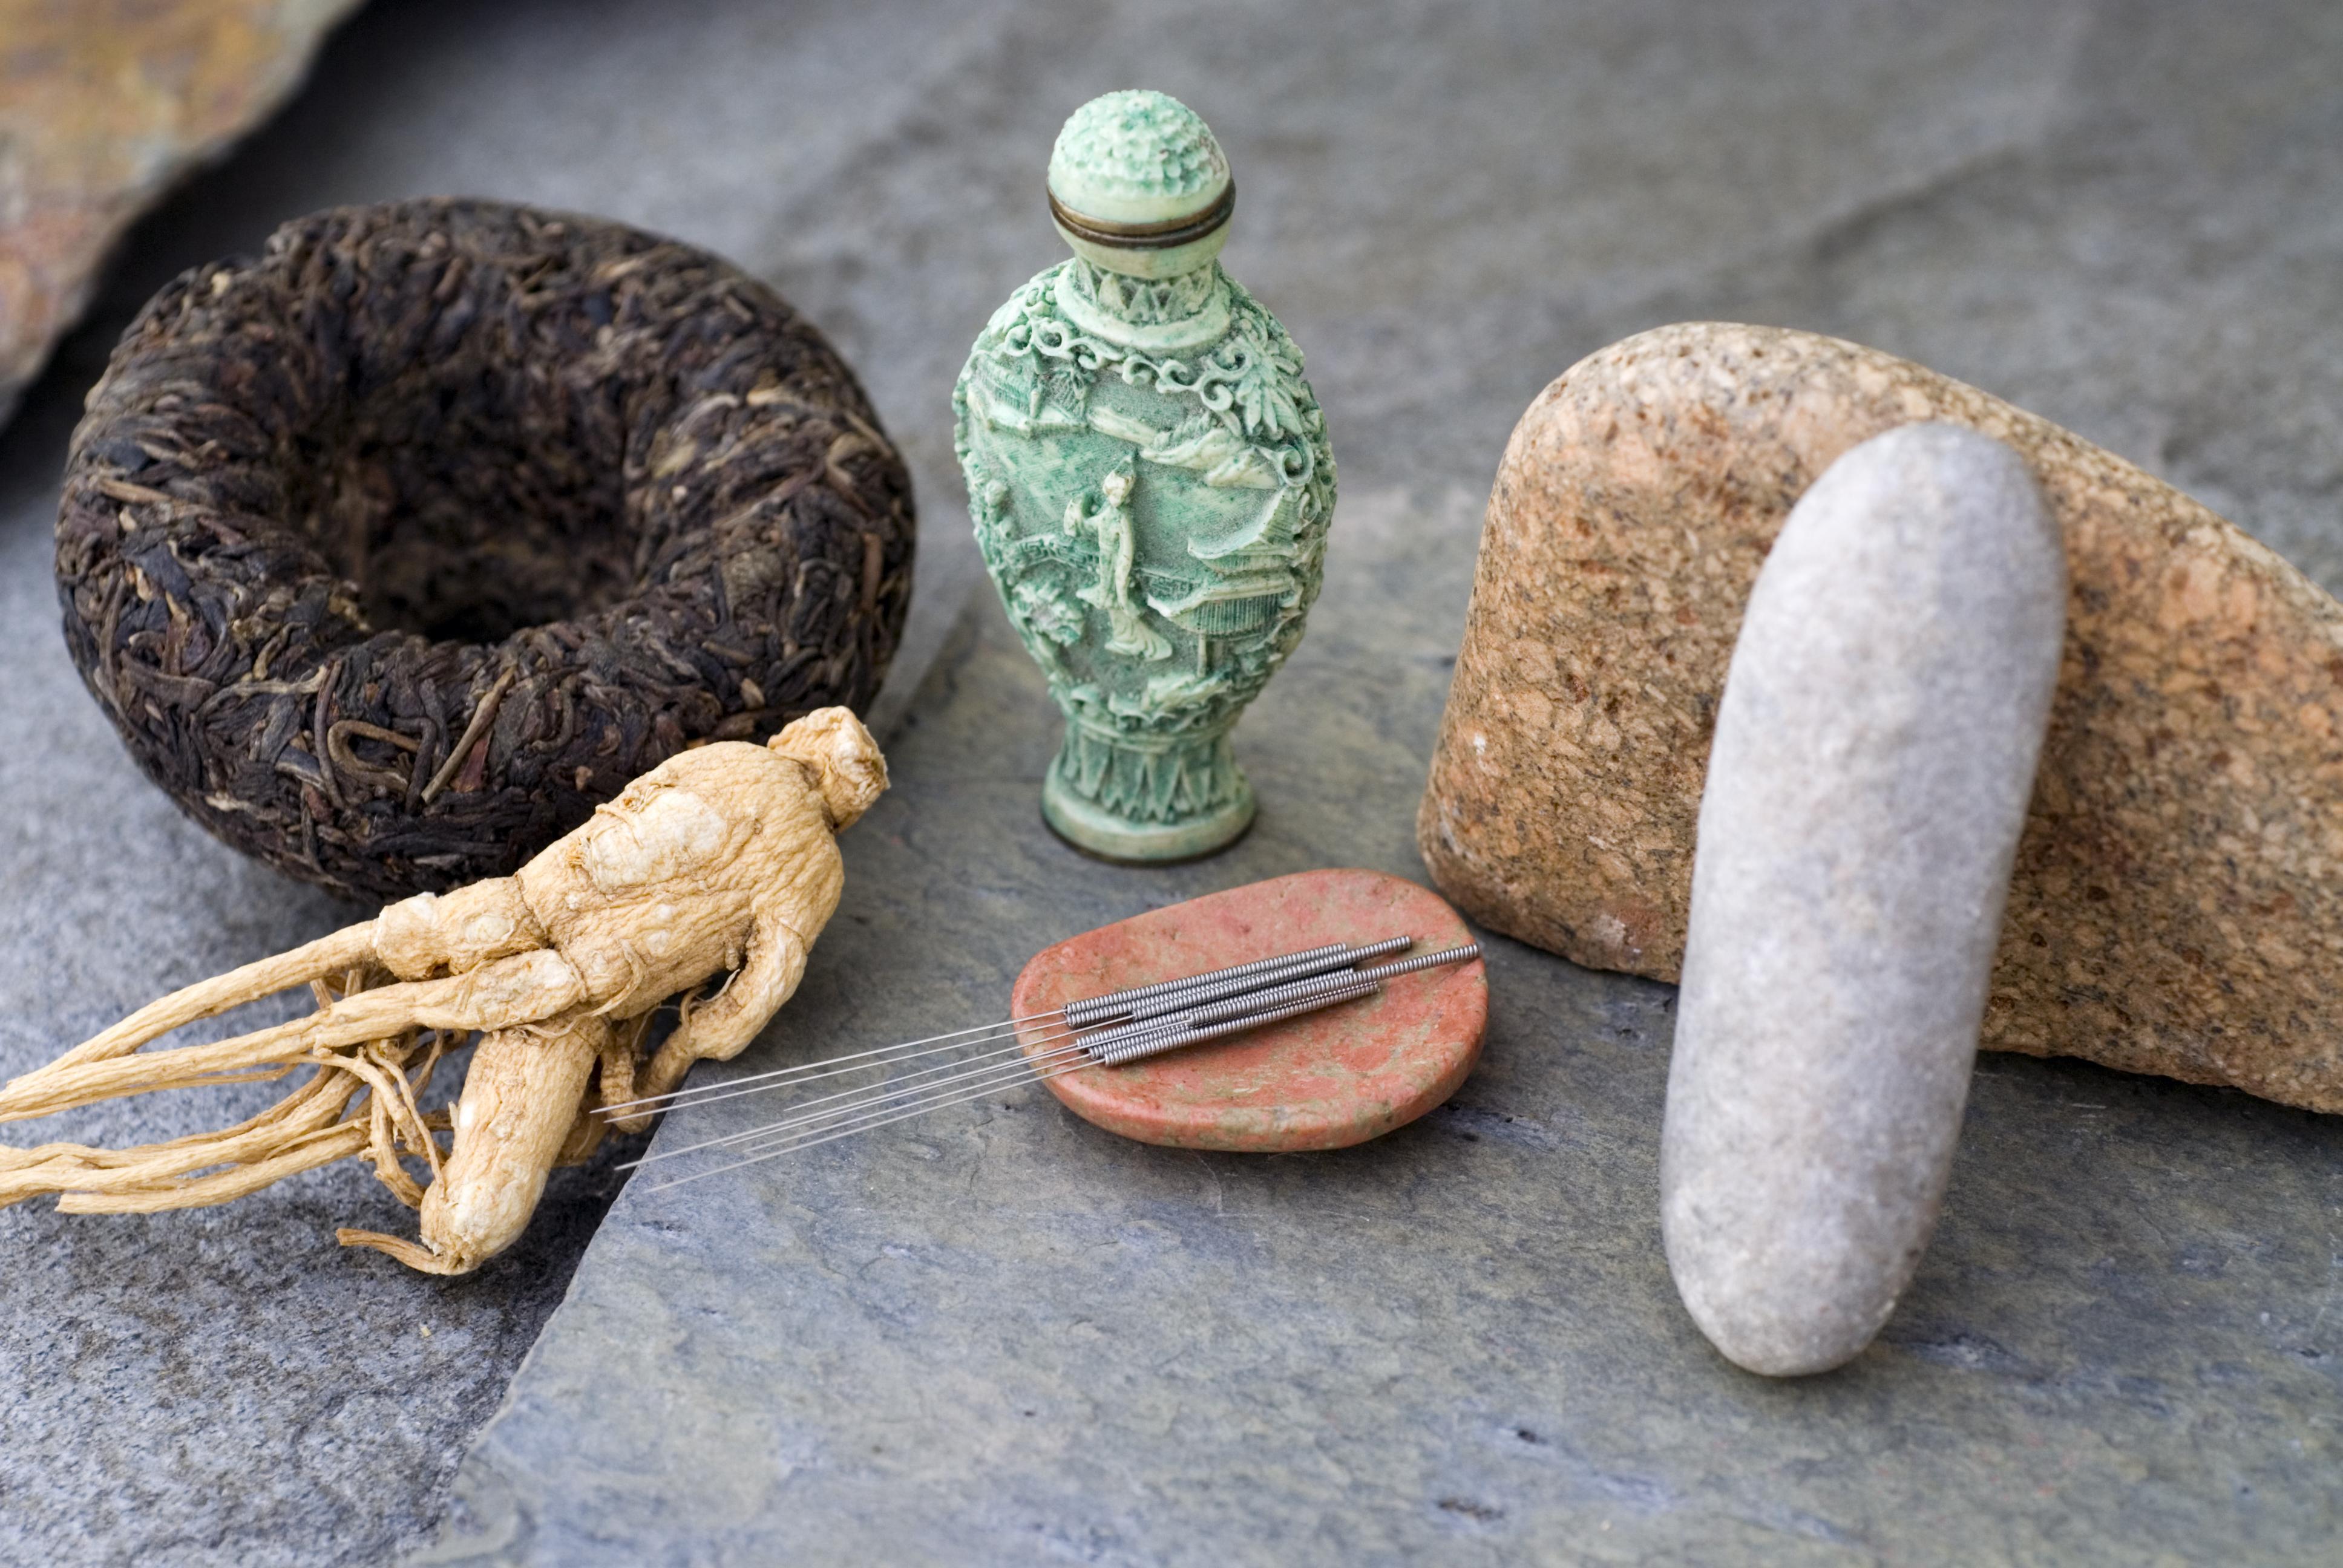 Det finns tre kinesiska studier av god vetenskaplig kvalitet som visar på en likartad effekt mellan akupunktur och klassisk läkemedelsbehandling.